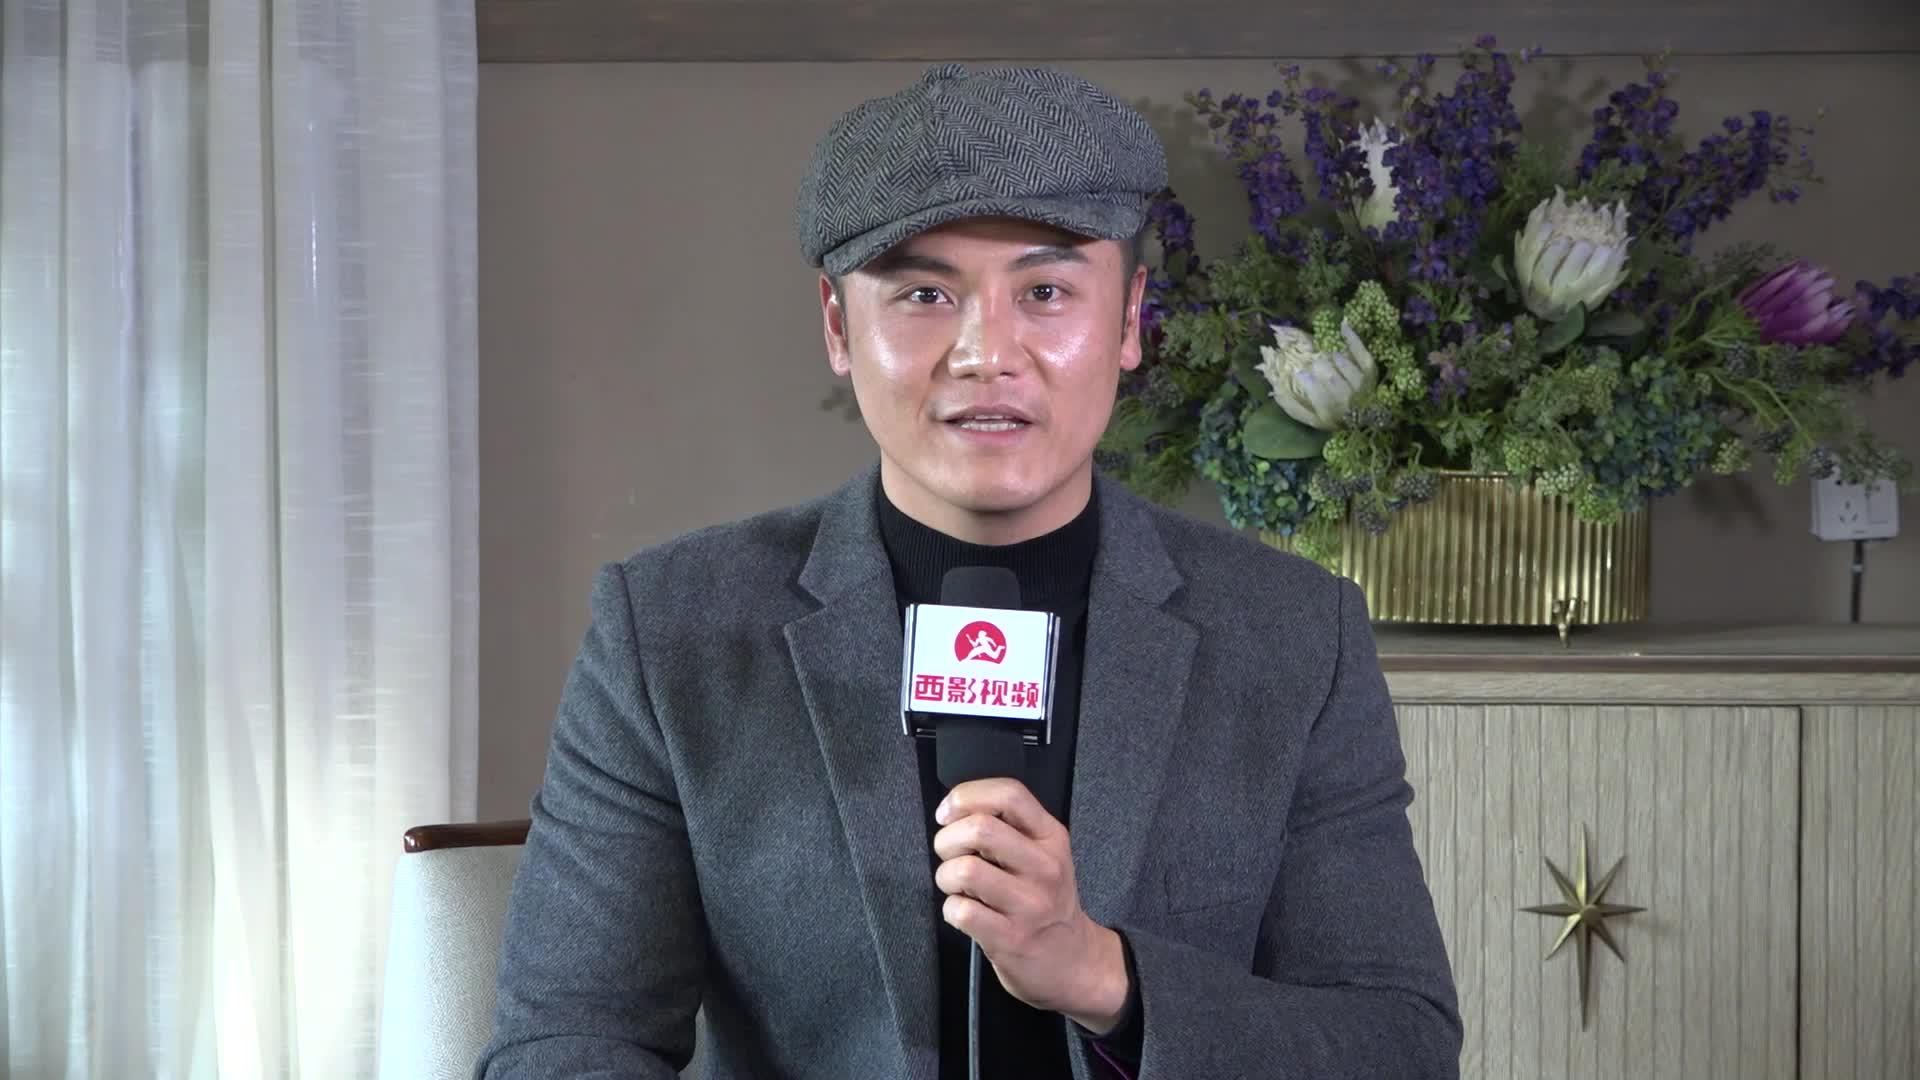 《装台》主演姬他专访:大雀儿一角儿比黑娃一角儿更具挑战性